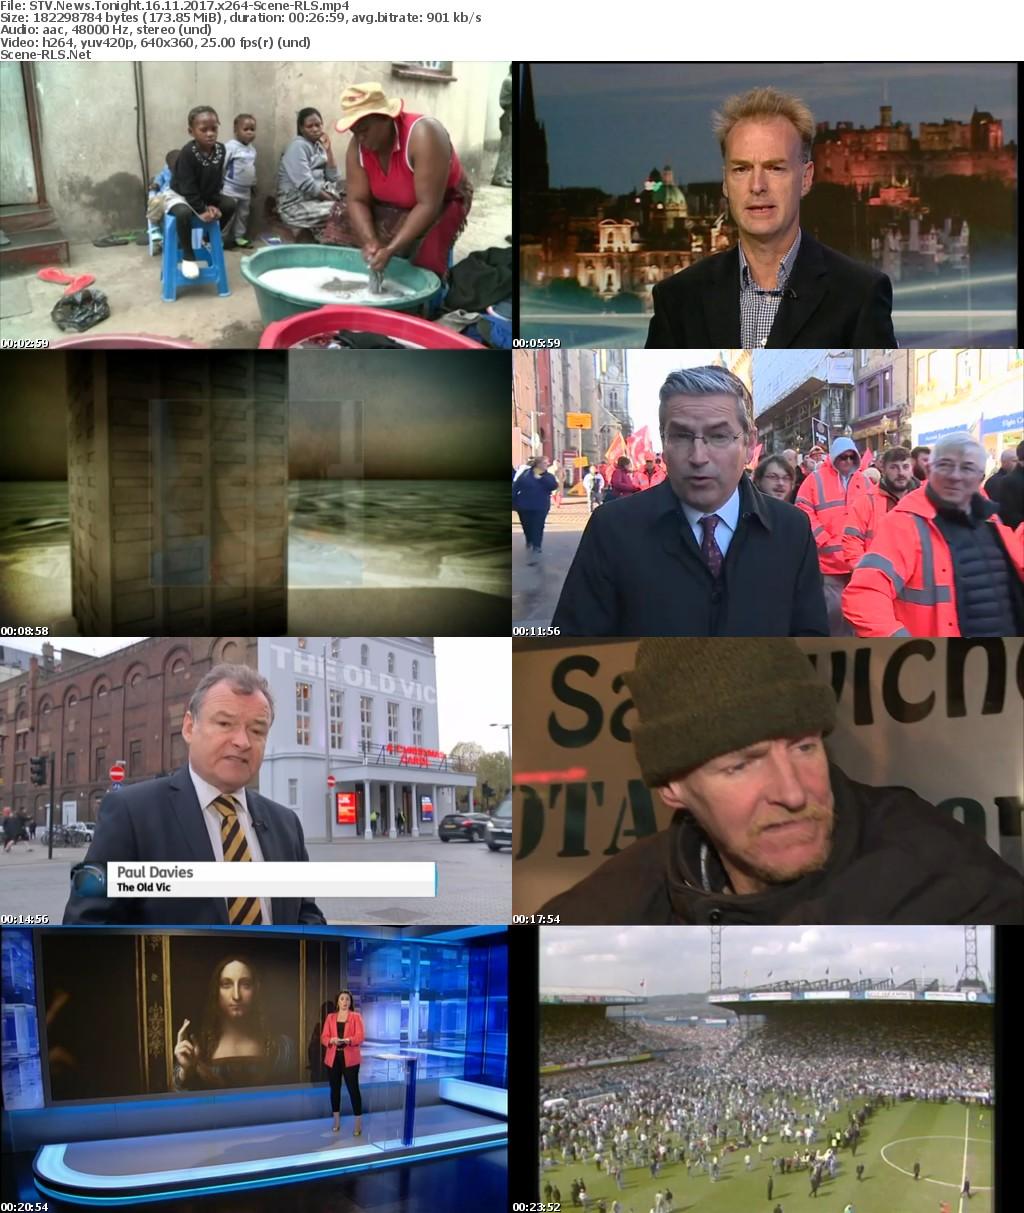 STV News Tonight 16 11 2017 x264-Scene-RLS - Scene Release